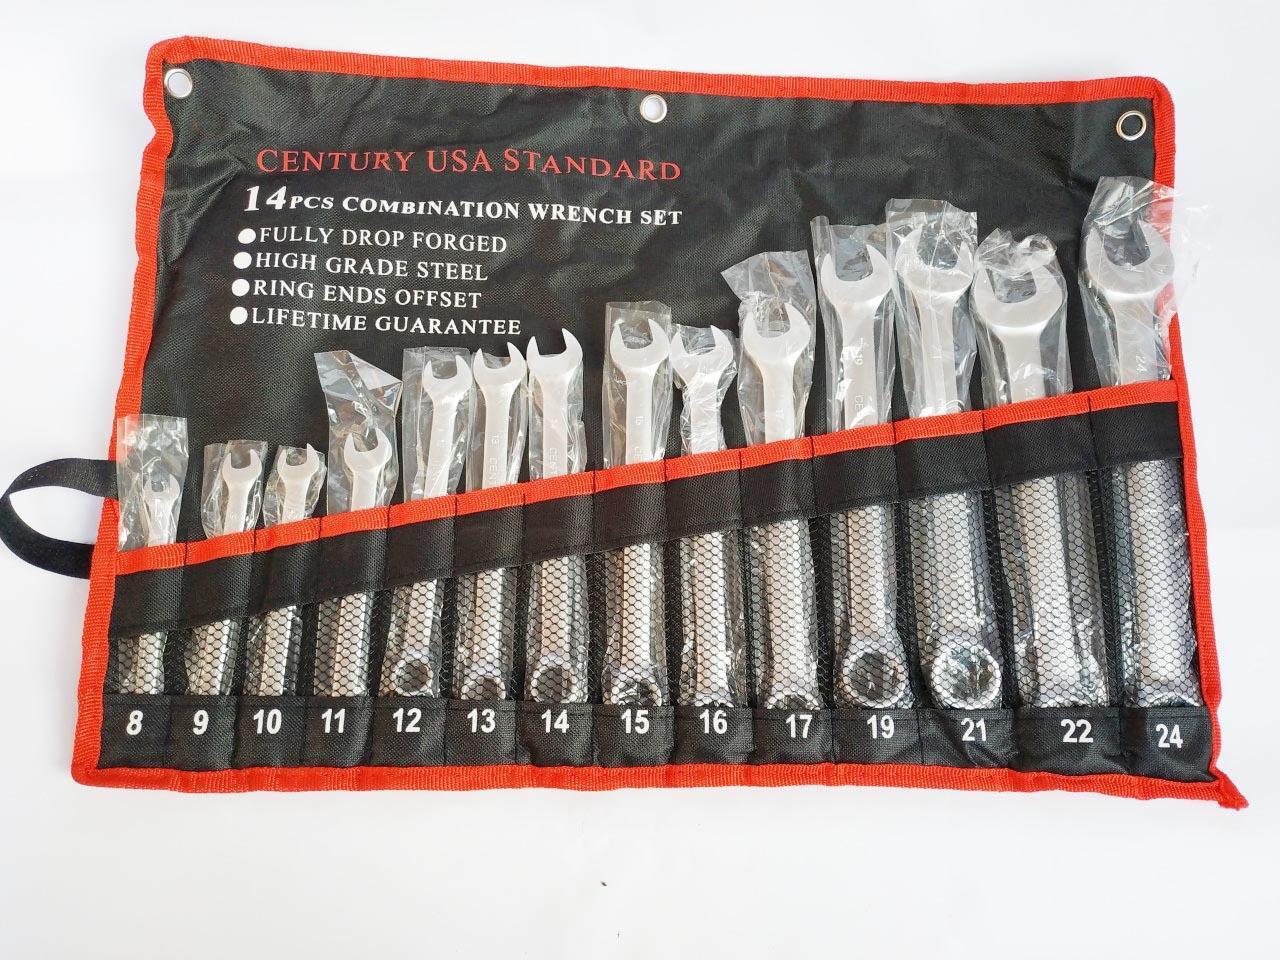 Cờ lê sửa xe - Bộ chìa khóa đa năng 8-24mm (Bao đựng đen)